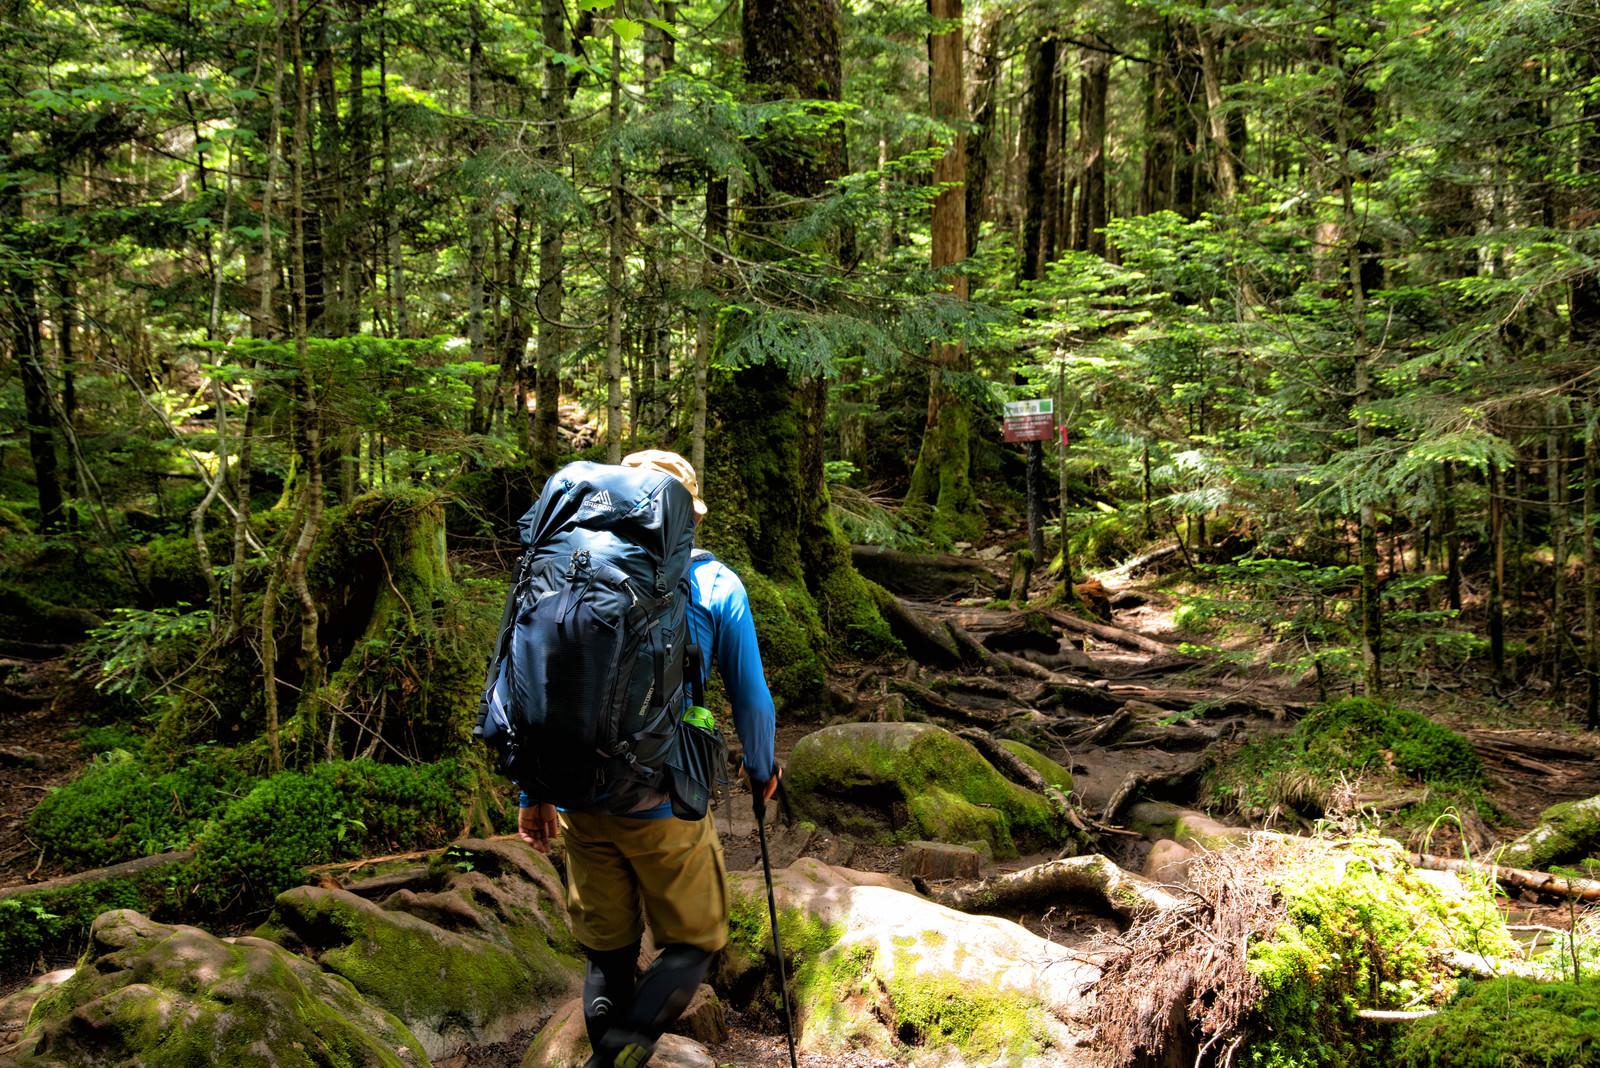 「険しい山中を歩く登山者」の写真